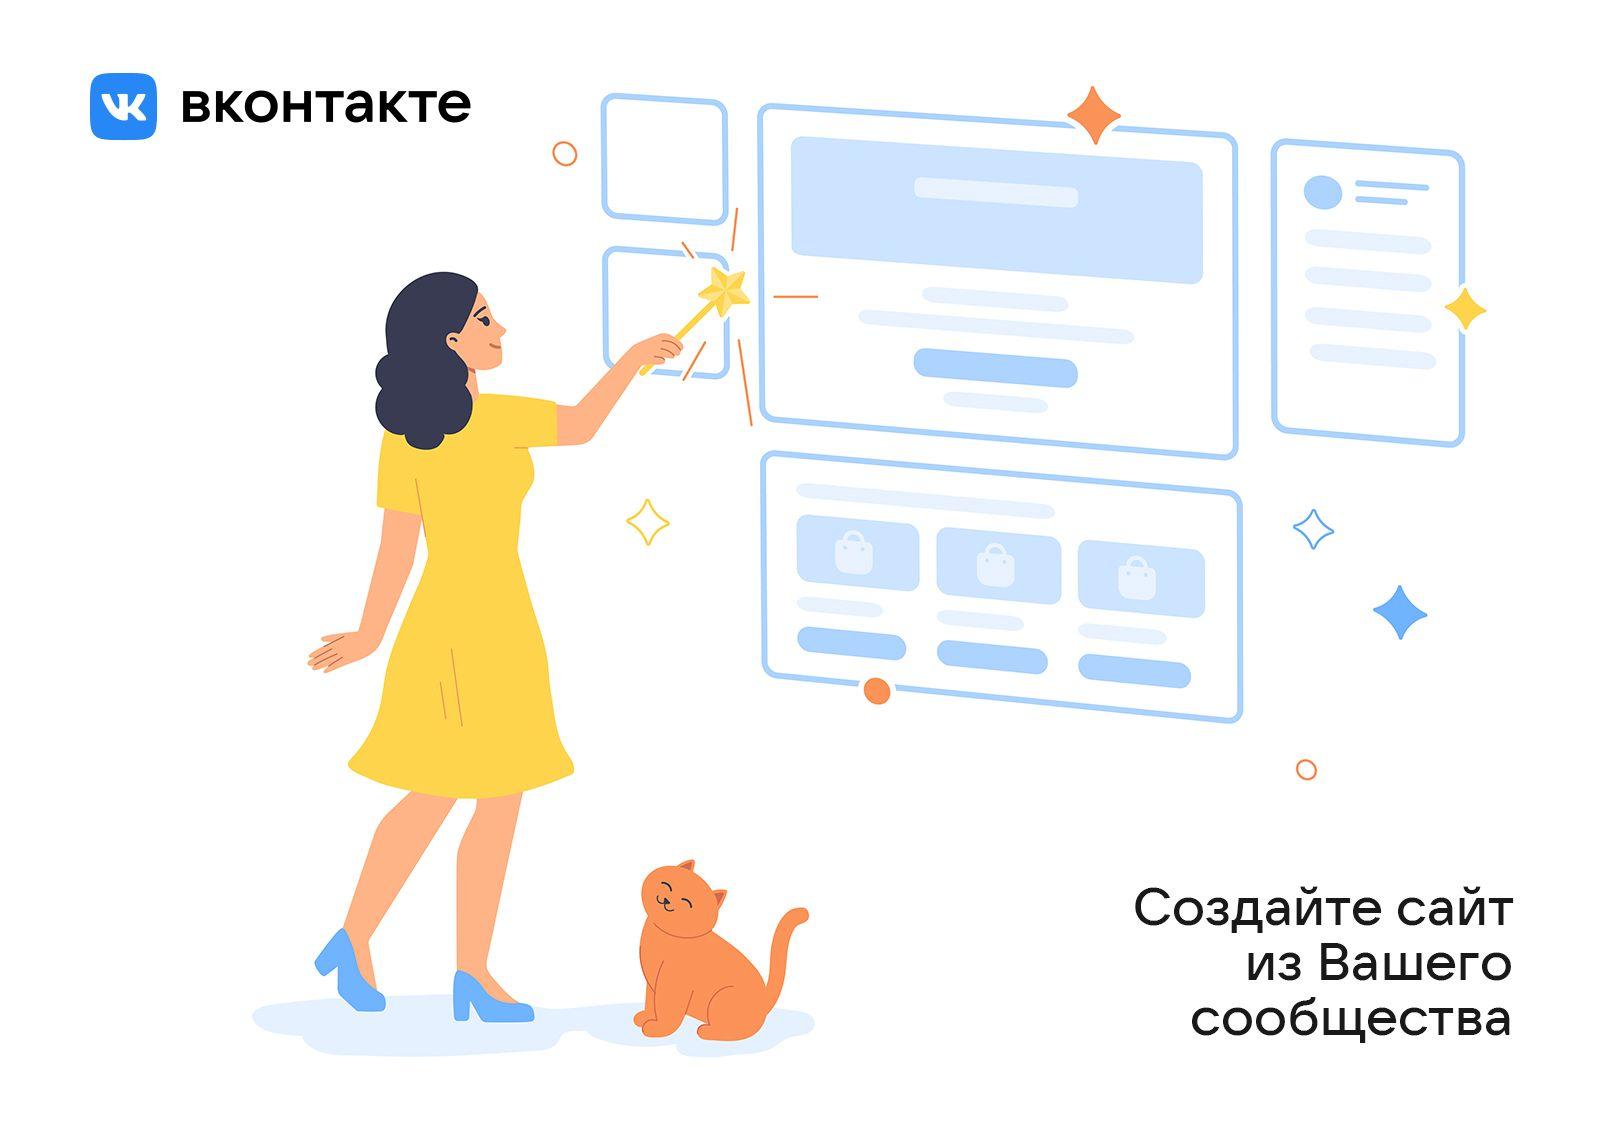 На лендинг можно вести с любых площадок, а в VK становится доступен ещё один инструмент продвижения — «Реклама сайтов».